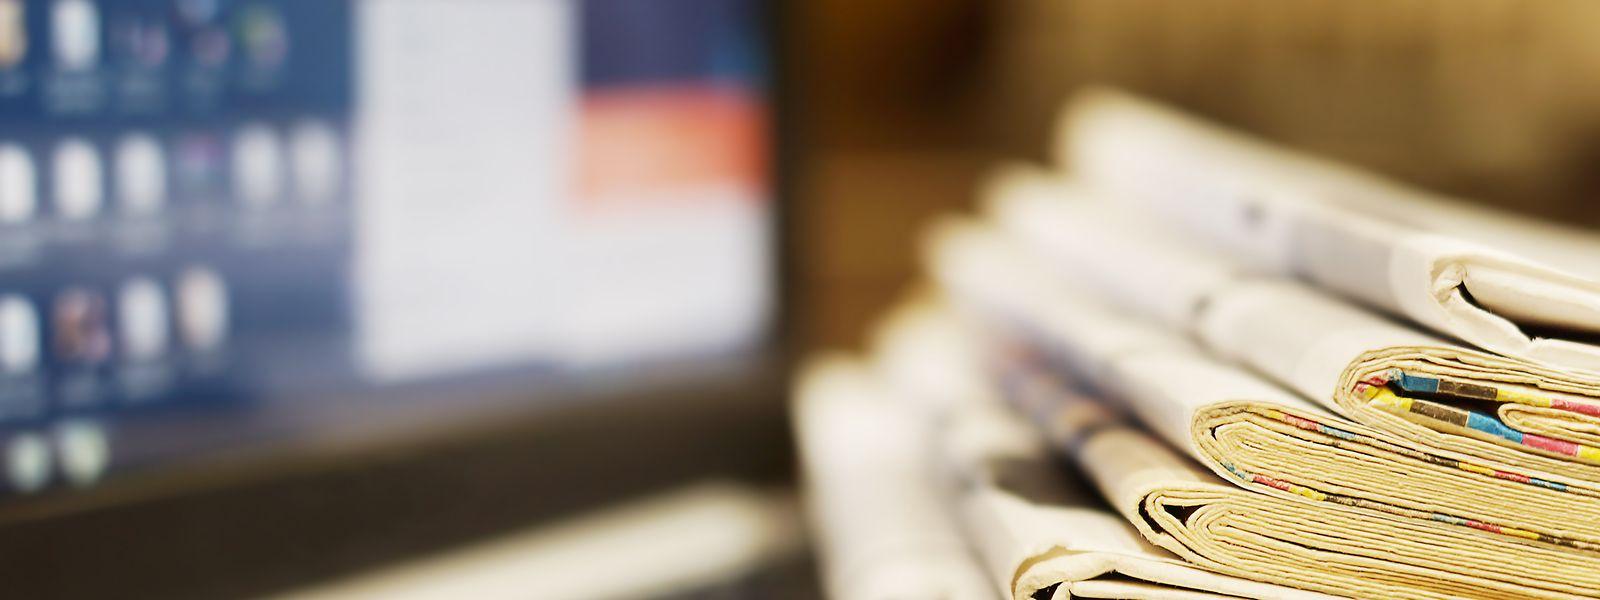 Die meisten Medienhäuser verdienen ihr Geld nach wie vor mit gedruckten Zeitungen. Mit der Umstellung auf digitale Geschäftsmodelle tun sich viele schwer.